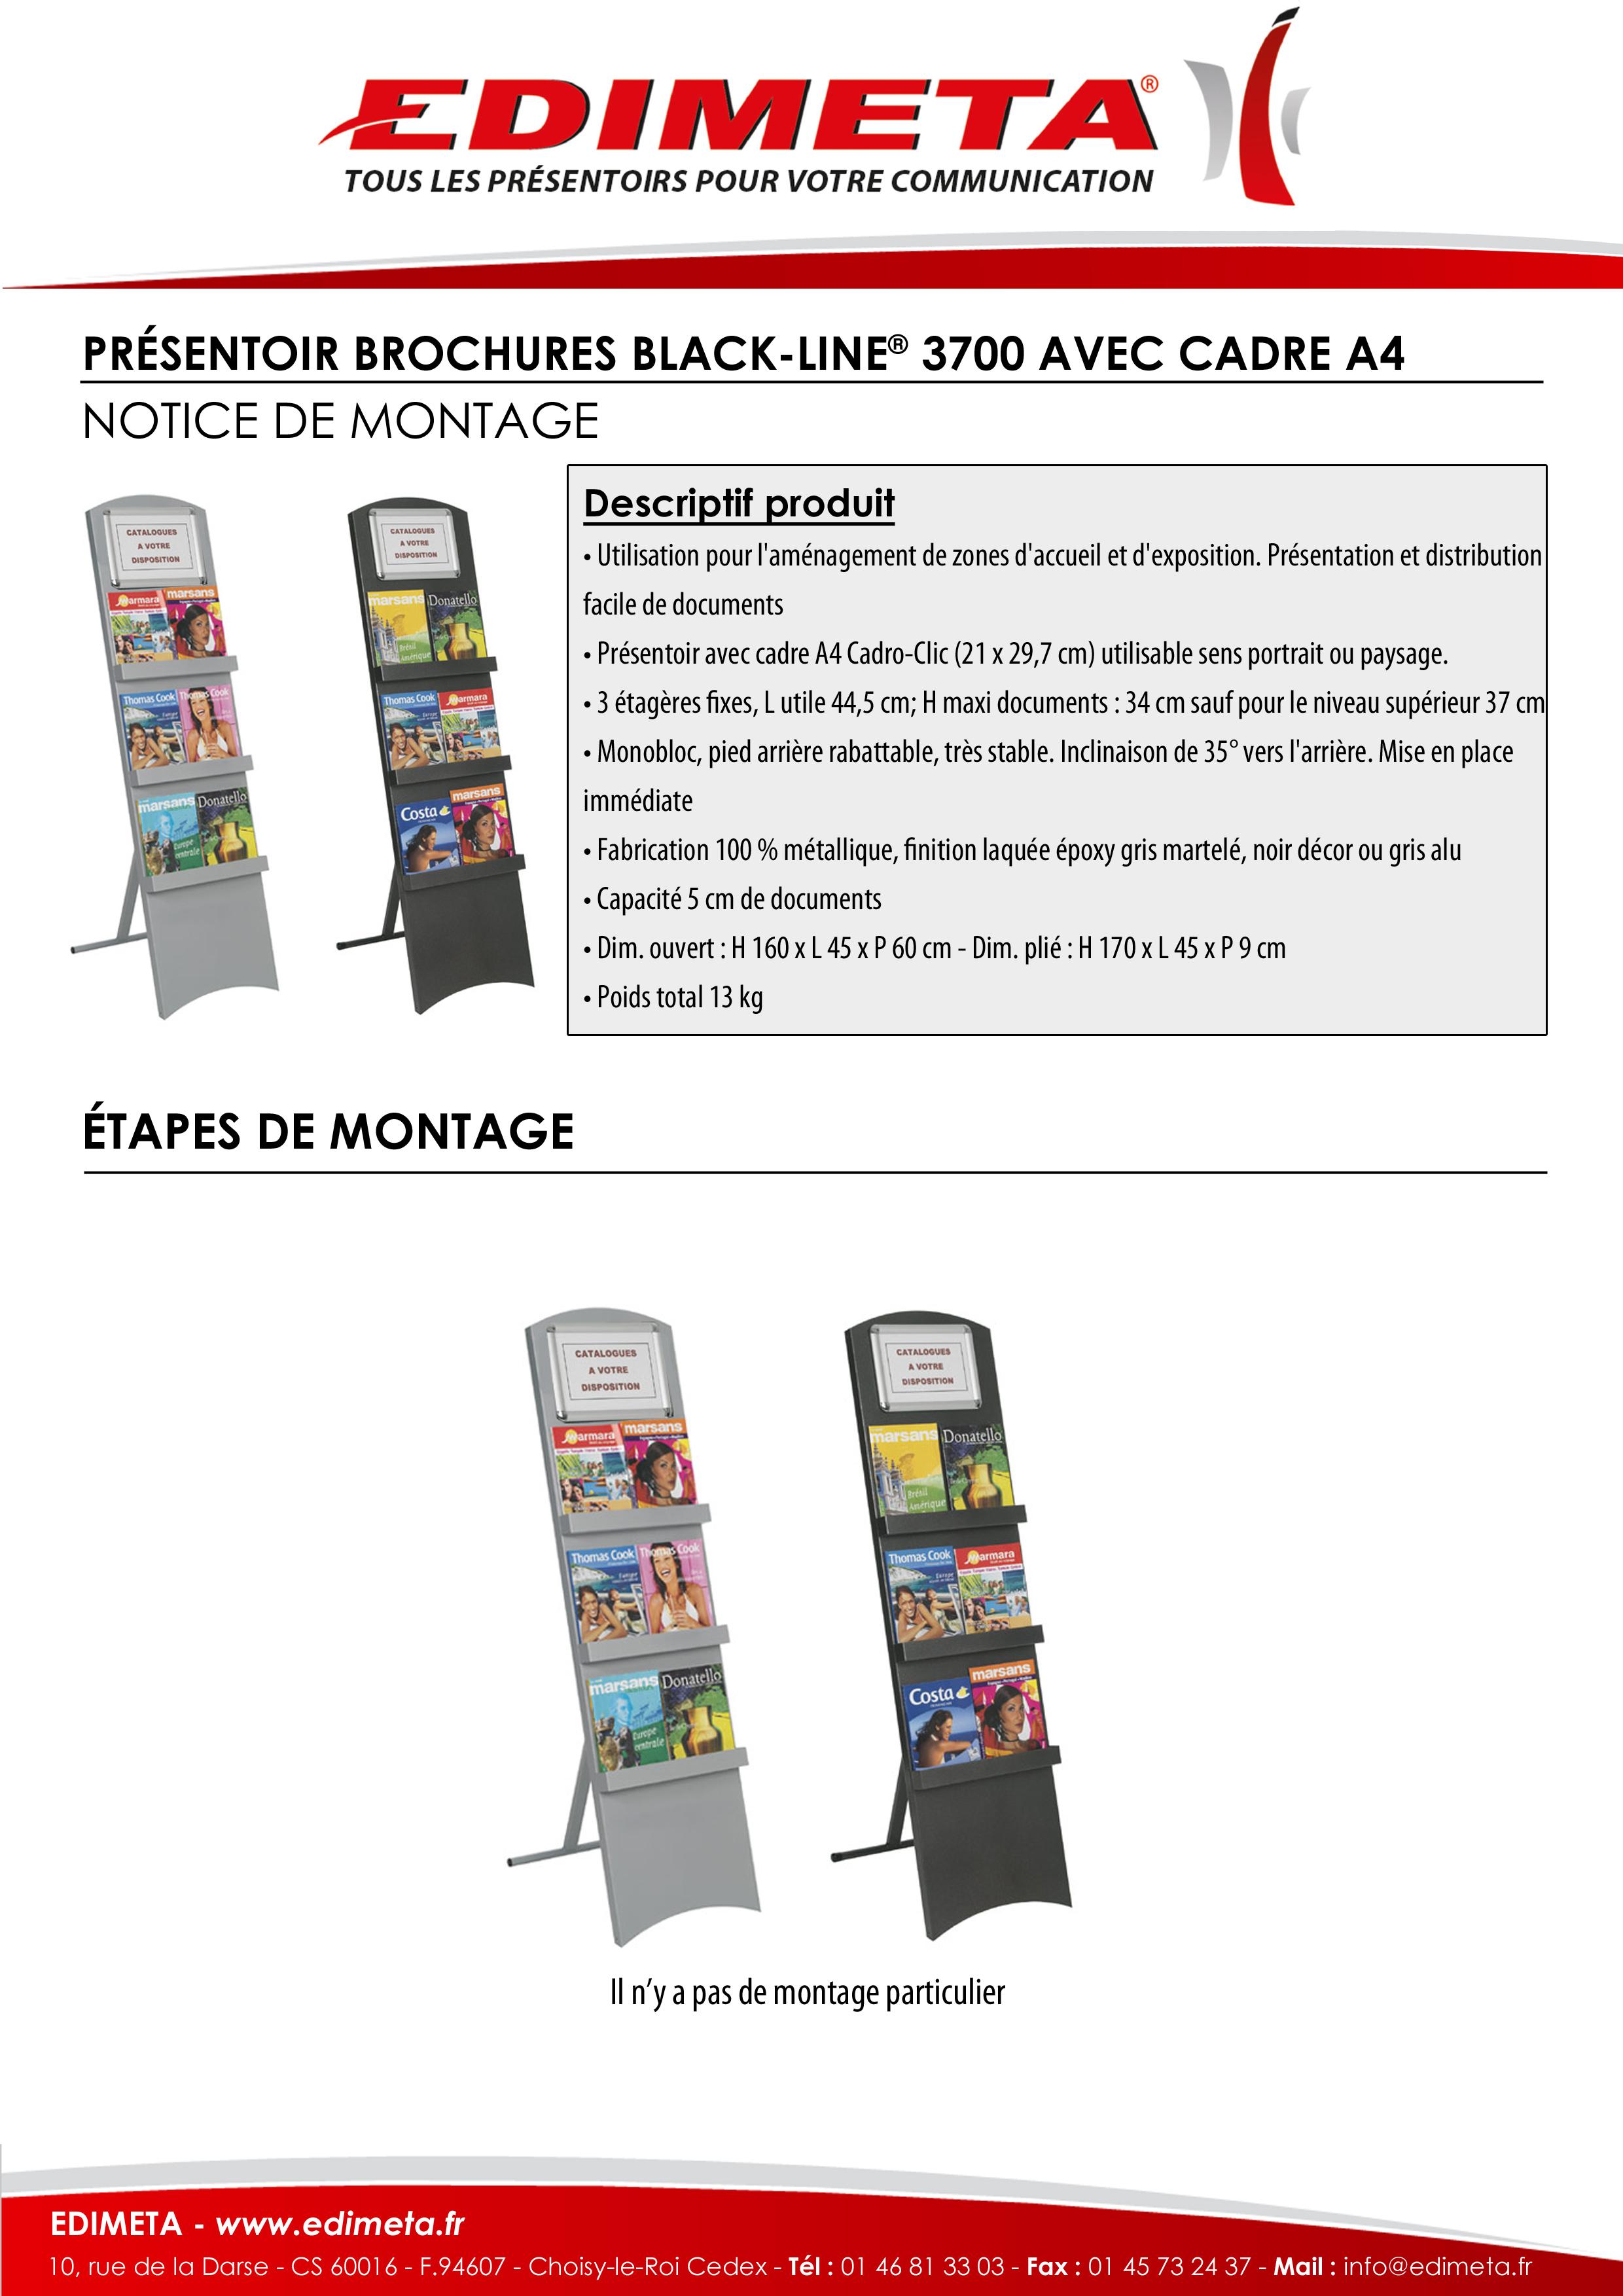 NOTICE DE MONTAGE : PRÉSENTOIR BROCHURES BLACK-LINE® 3700 AVEC CADRE A4